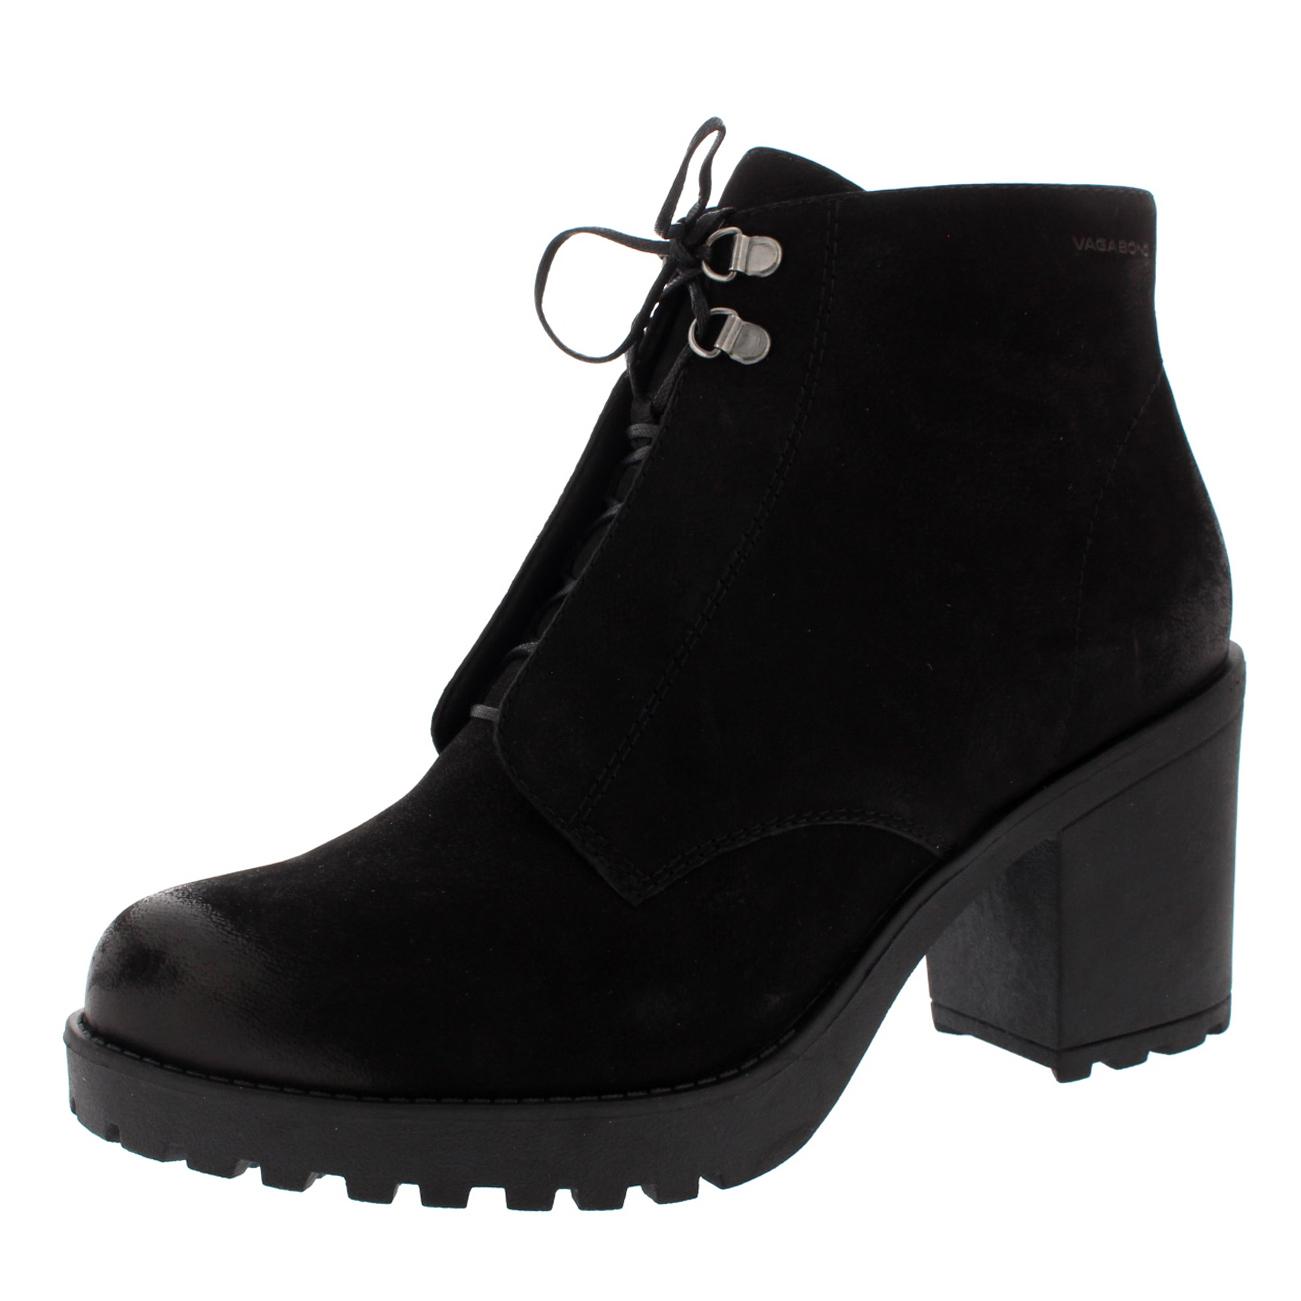 Vagabond Grace Suede Boots